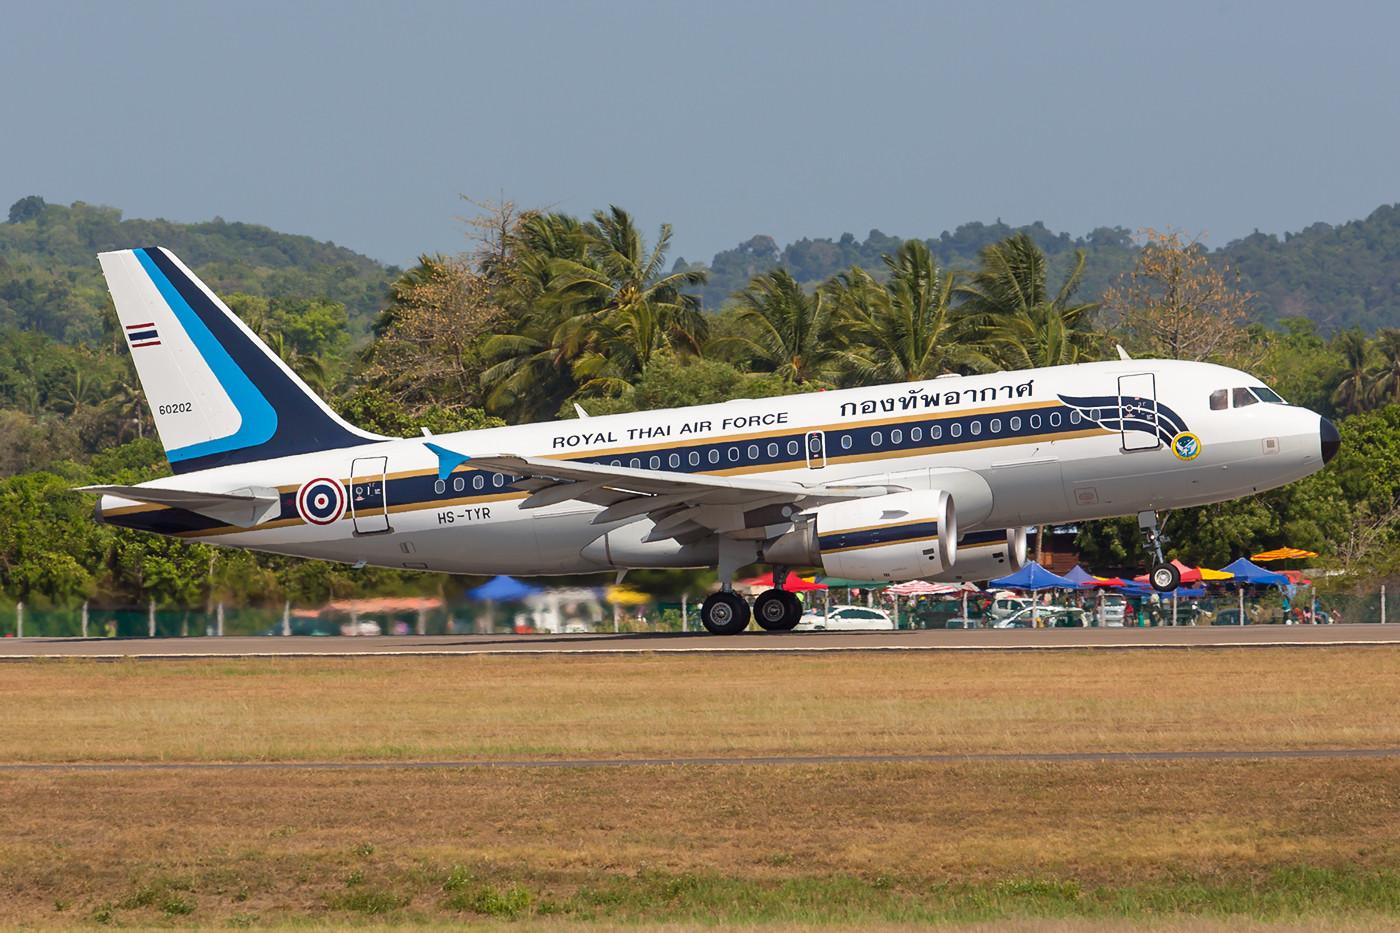 Die RTAF kam mehrfach mit diesem A-319, der auf Bangkoks altem Flughafen Don Muang stationiert ist.